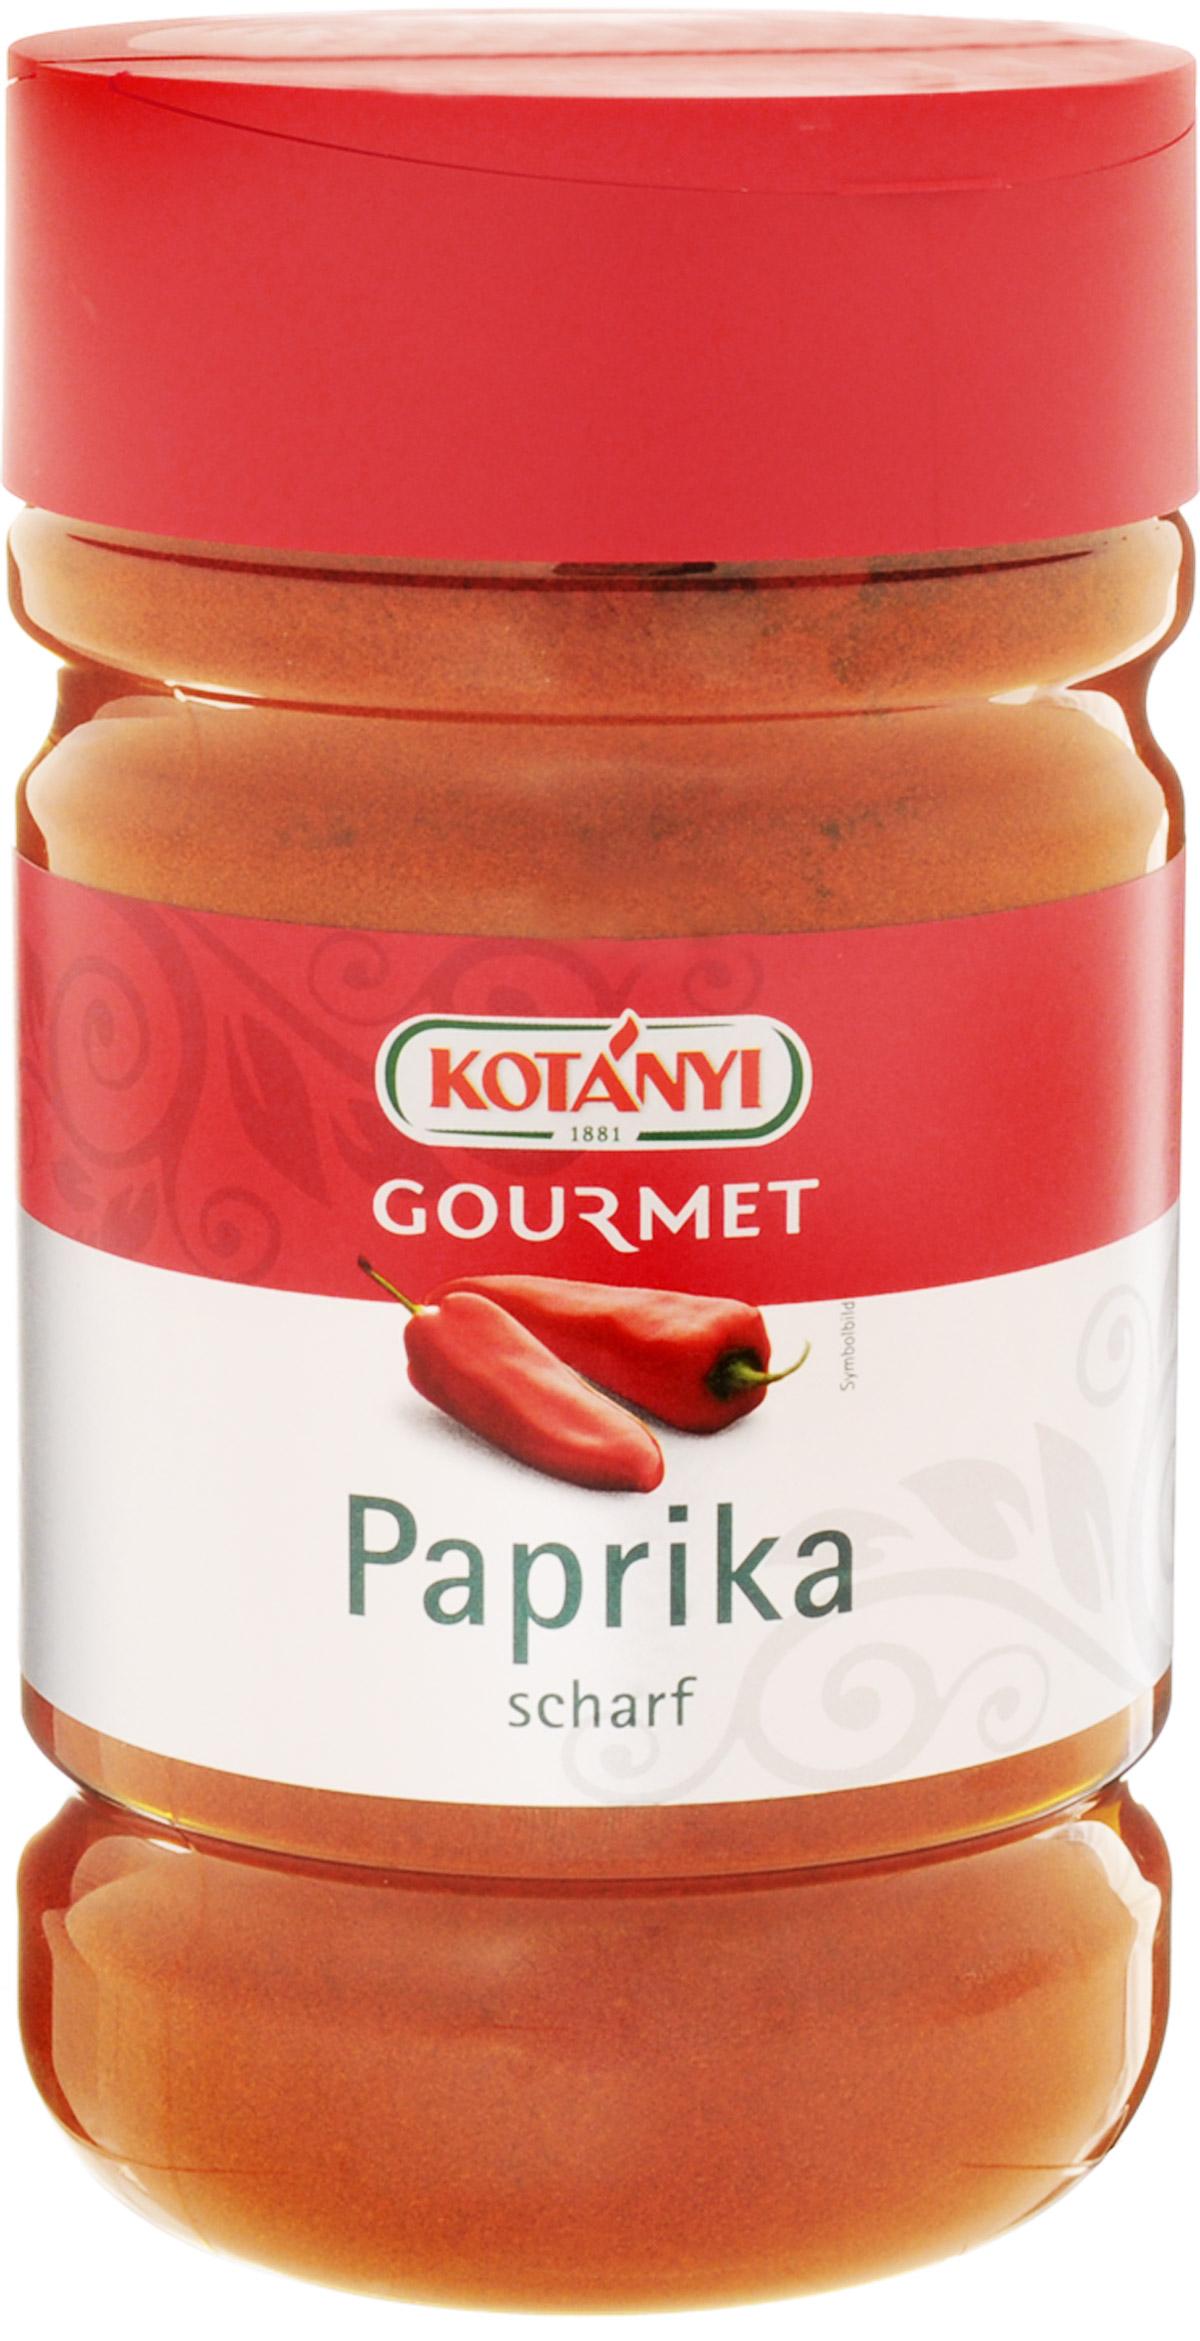 Kotanyi Паприка острая молотая, 630 г0120710Паприка острая молотая Kotanyi - пикантная, острая специя.В пищу употребляются зрелые, высушенные и перемолотые стручки паприки.